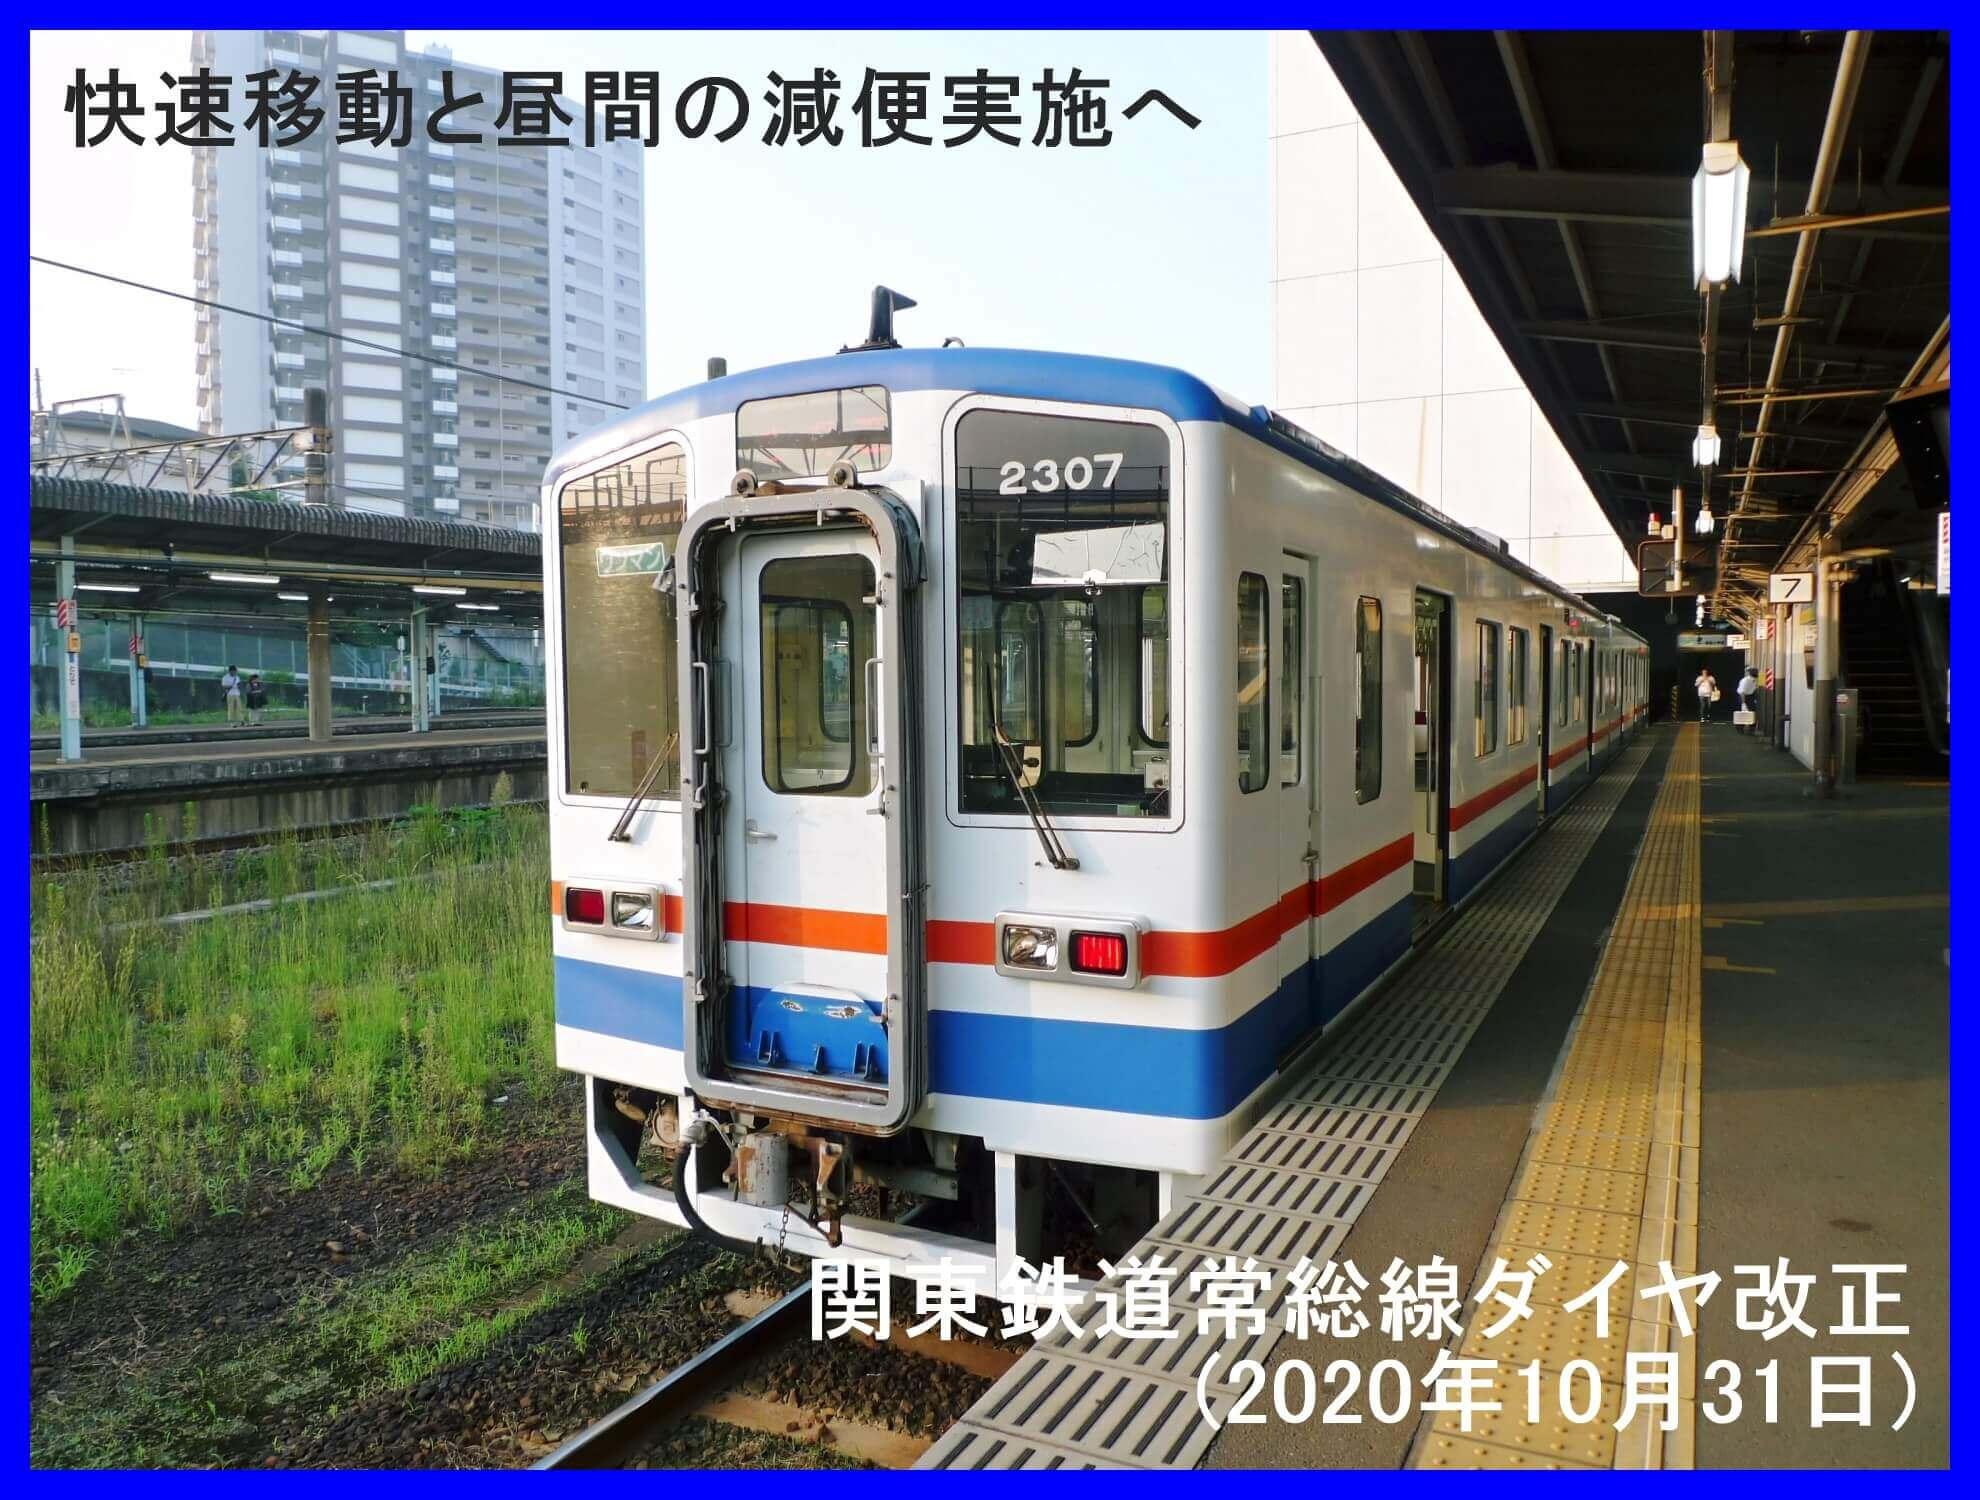 快速移動と昼間の減便実施へ 関東鉄道常総線ダイヤ改正(2020年10月31日)